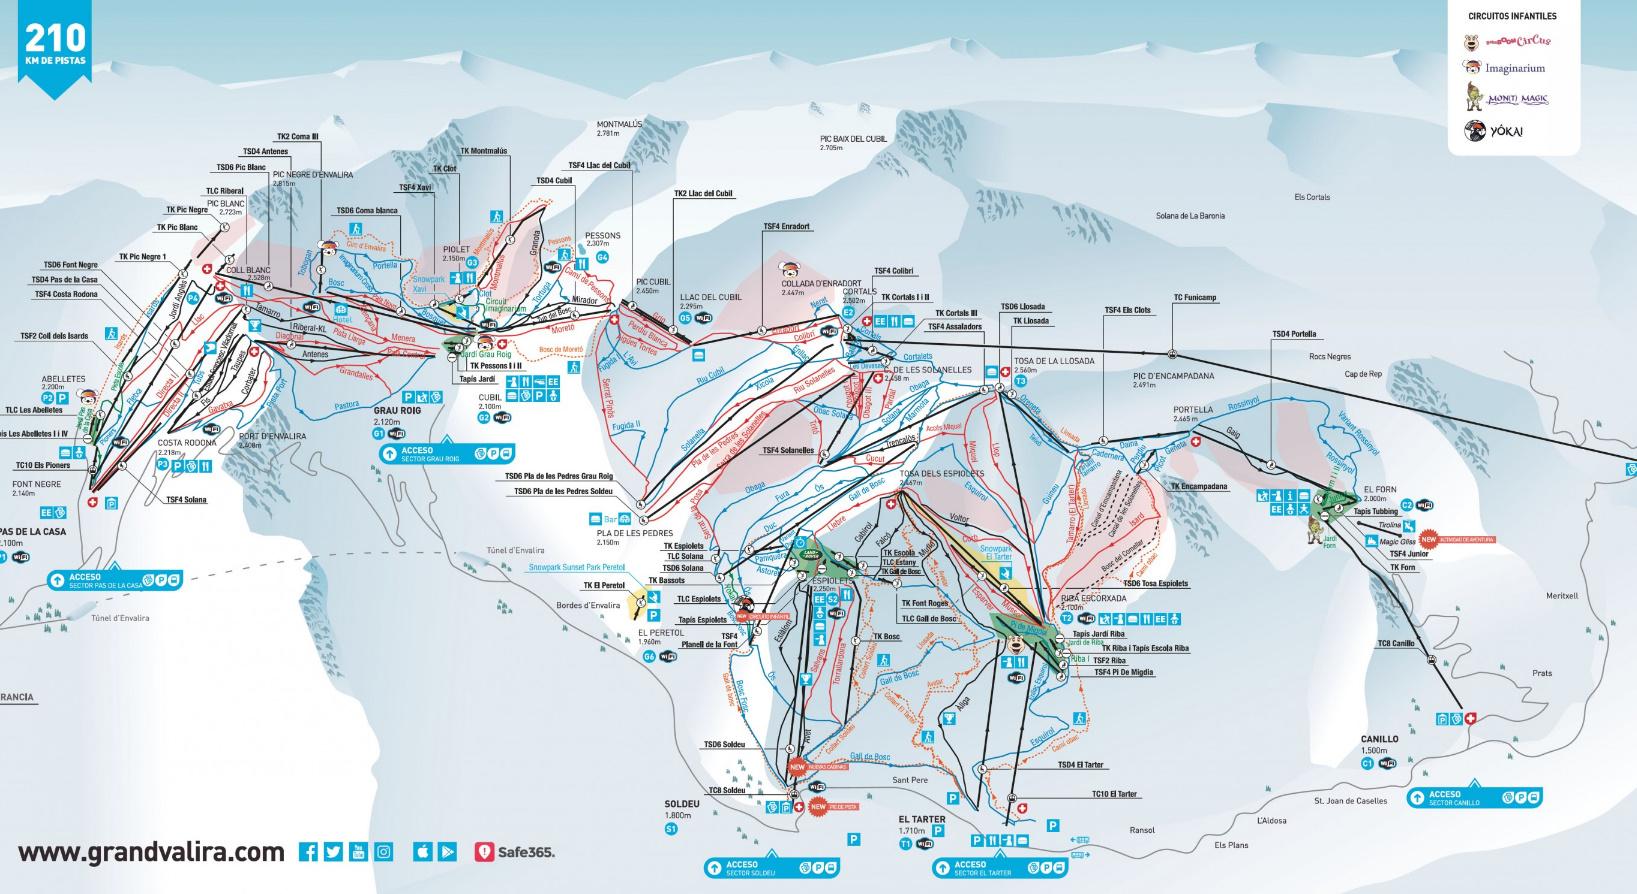 Mapa Estaciones Esqui España.Grandvalira Y Baqueira Las Mejor Situadas En La Guia De Las